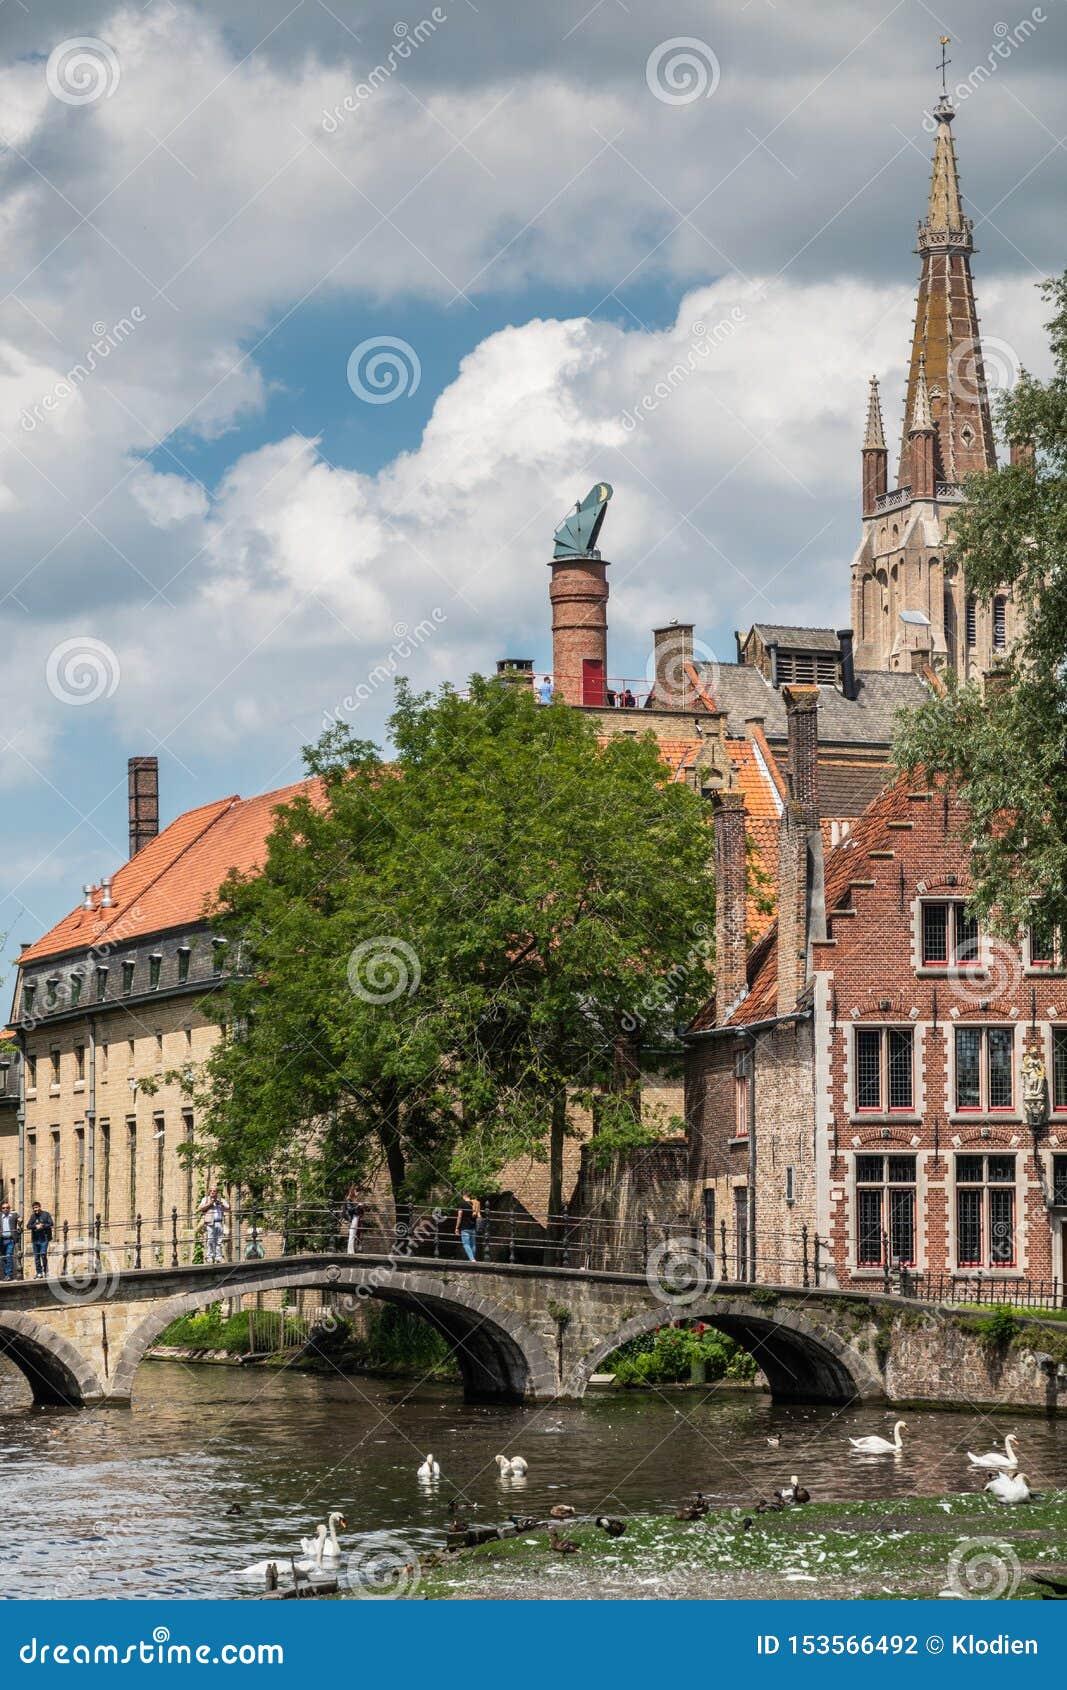 Puente a Beguinage con la torre de iglesia en Brujas, Flandes, Bélgica